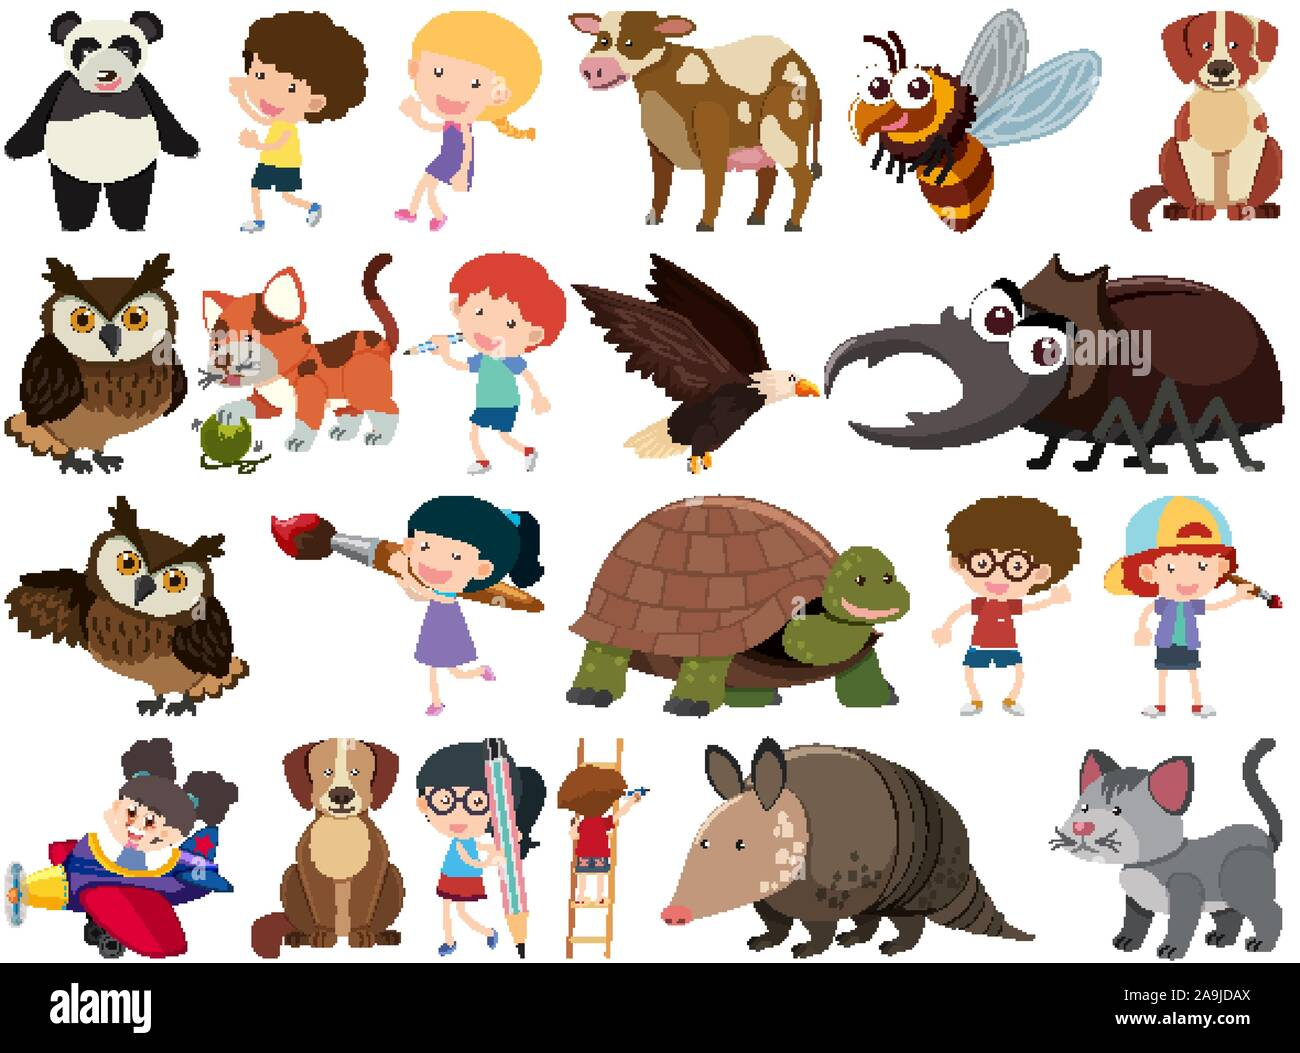 Conjunto de objetos aislados tema niños y animales ilustración Ilustración del Vector